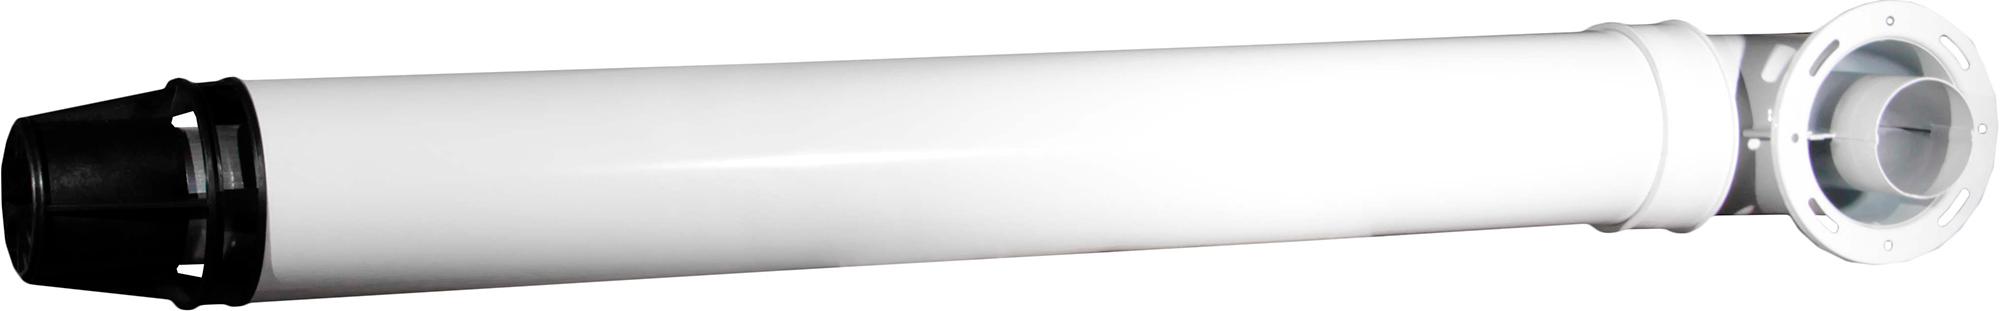 Коаксіальний комплект FERROLI FORTUNA 71.МТ7.00.22